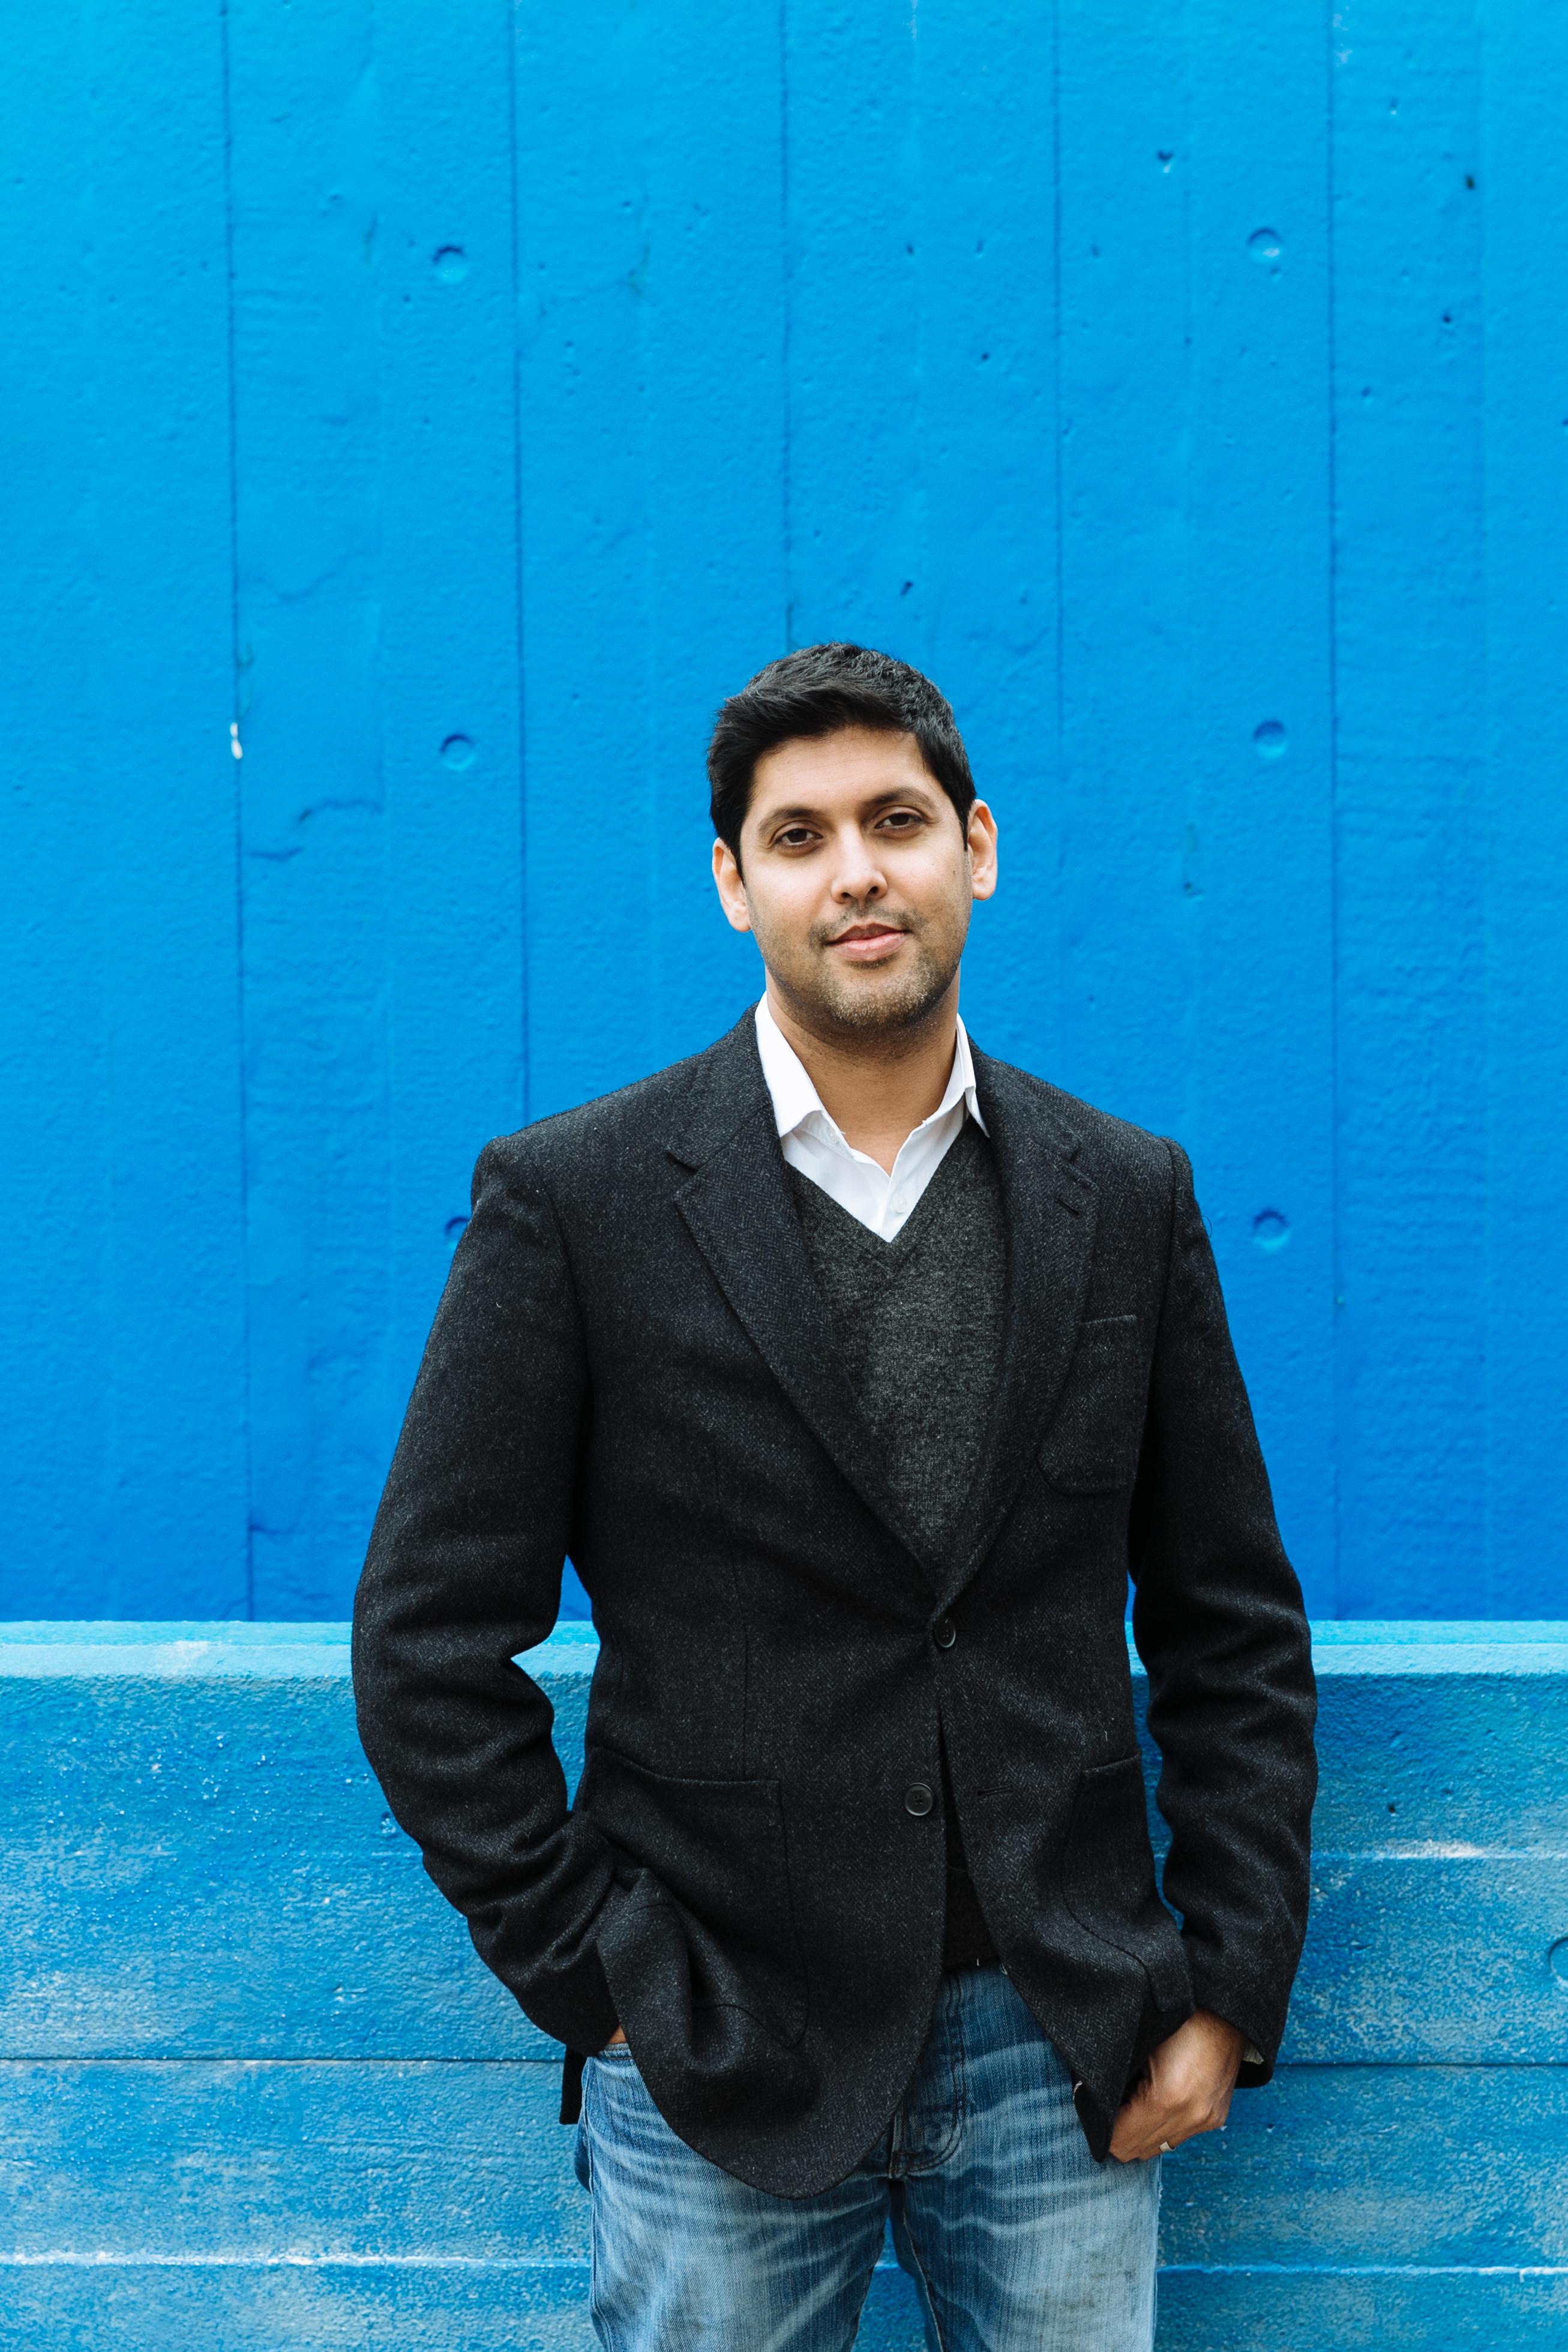 Abir Mukherjee (c) Nick Tucker